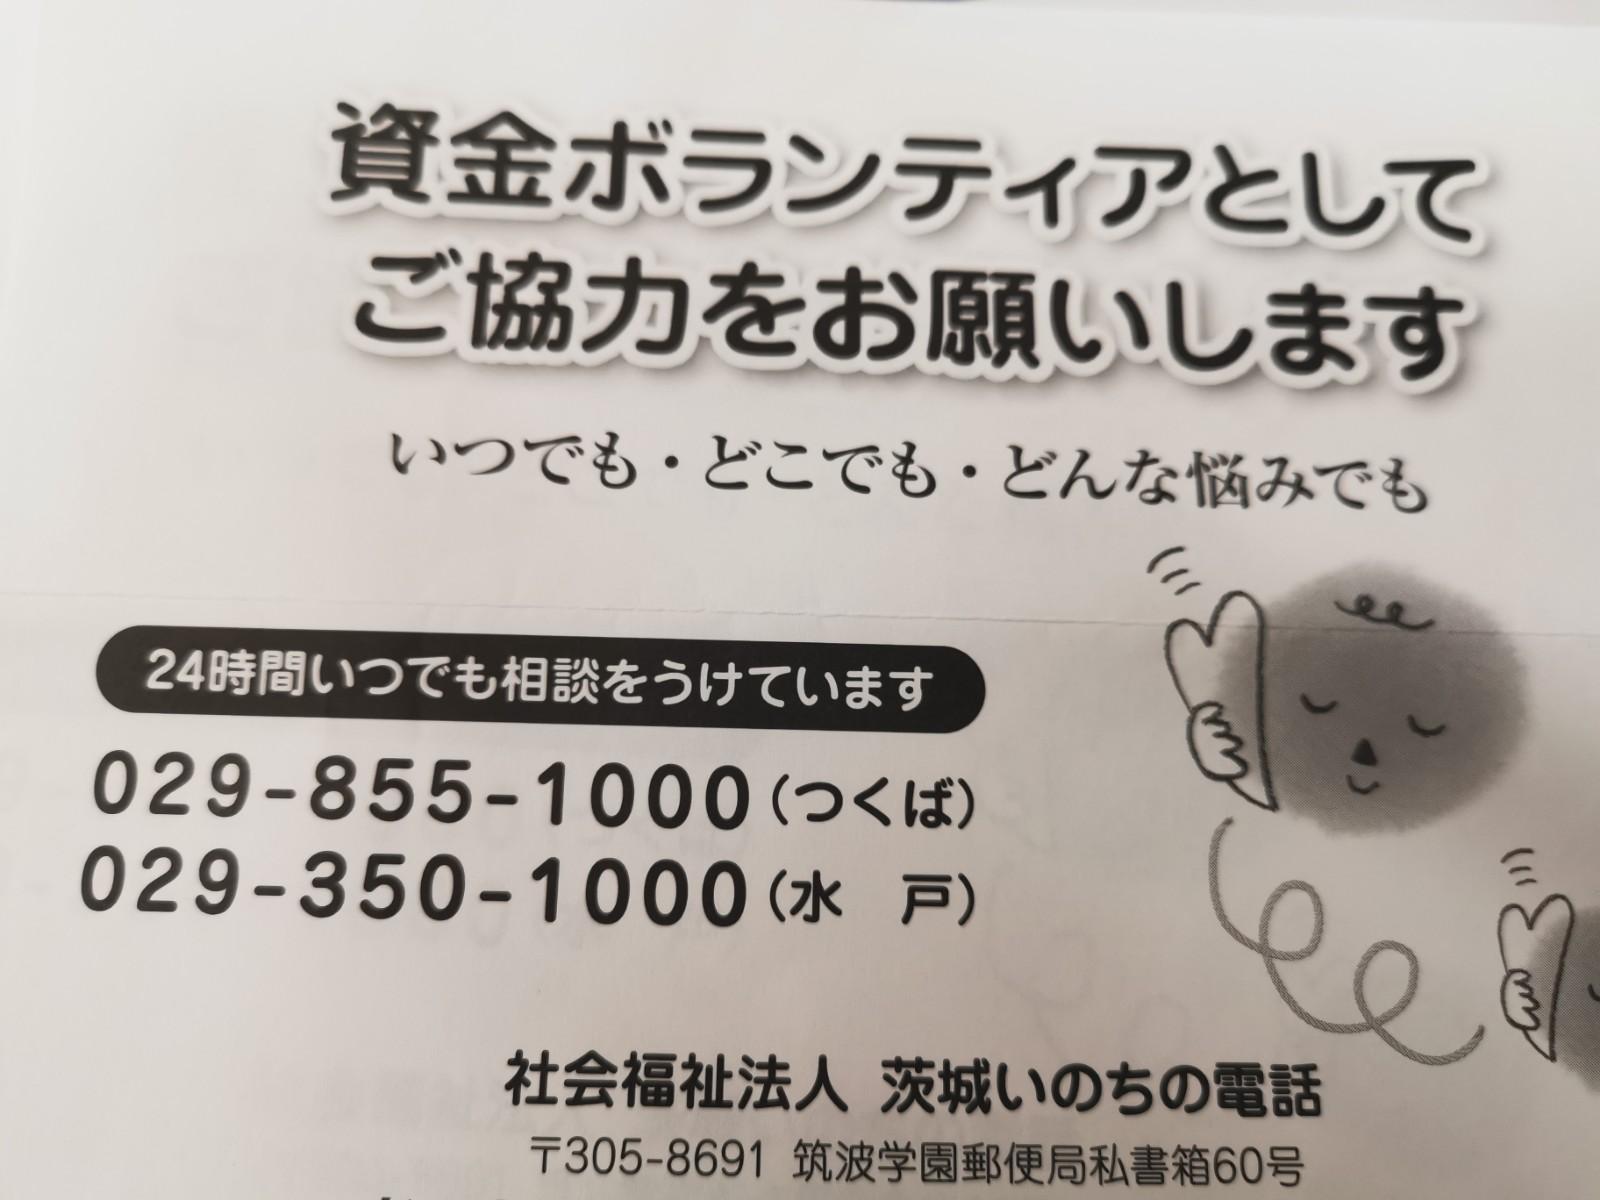 茨城いのちの電話に支援をさせていただきました